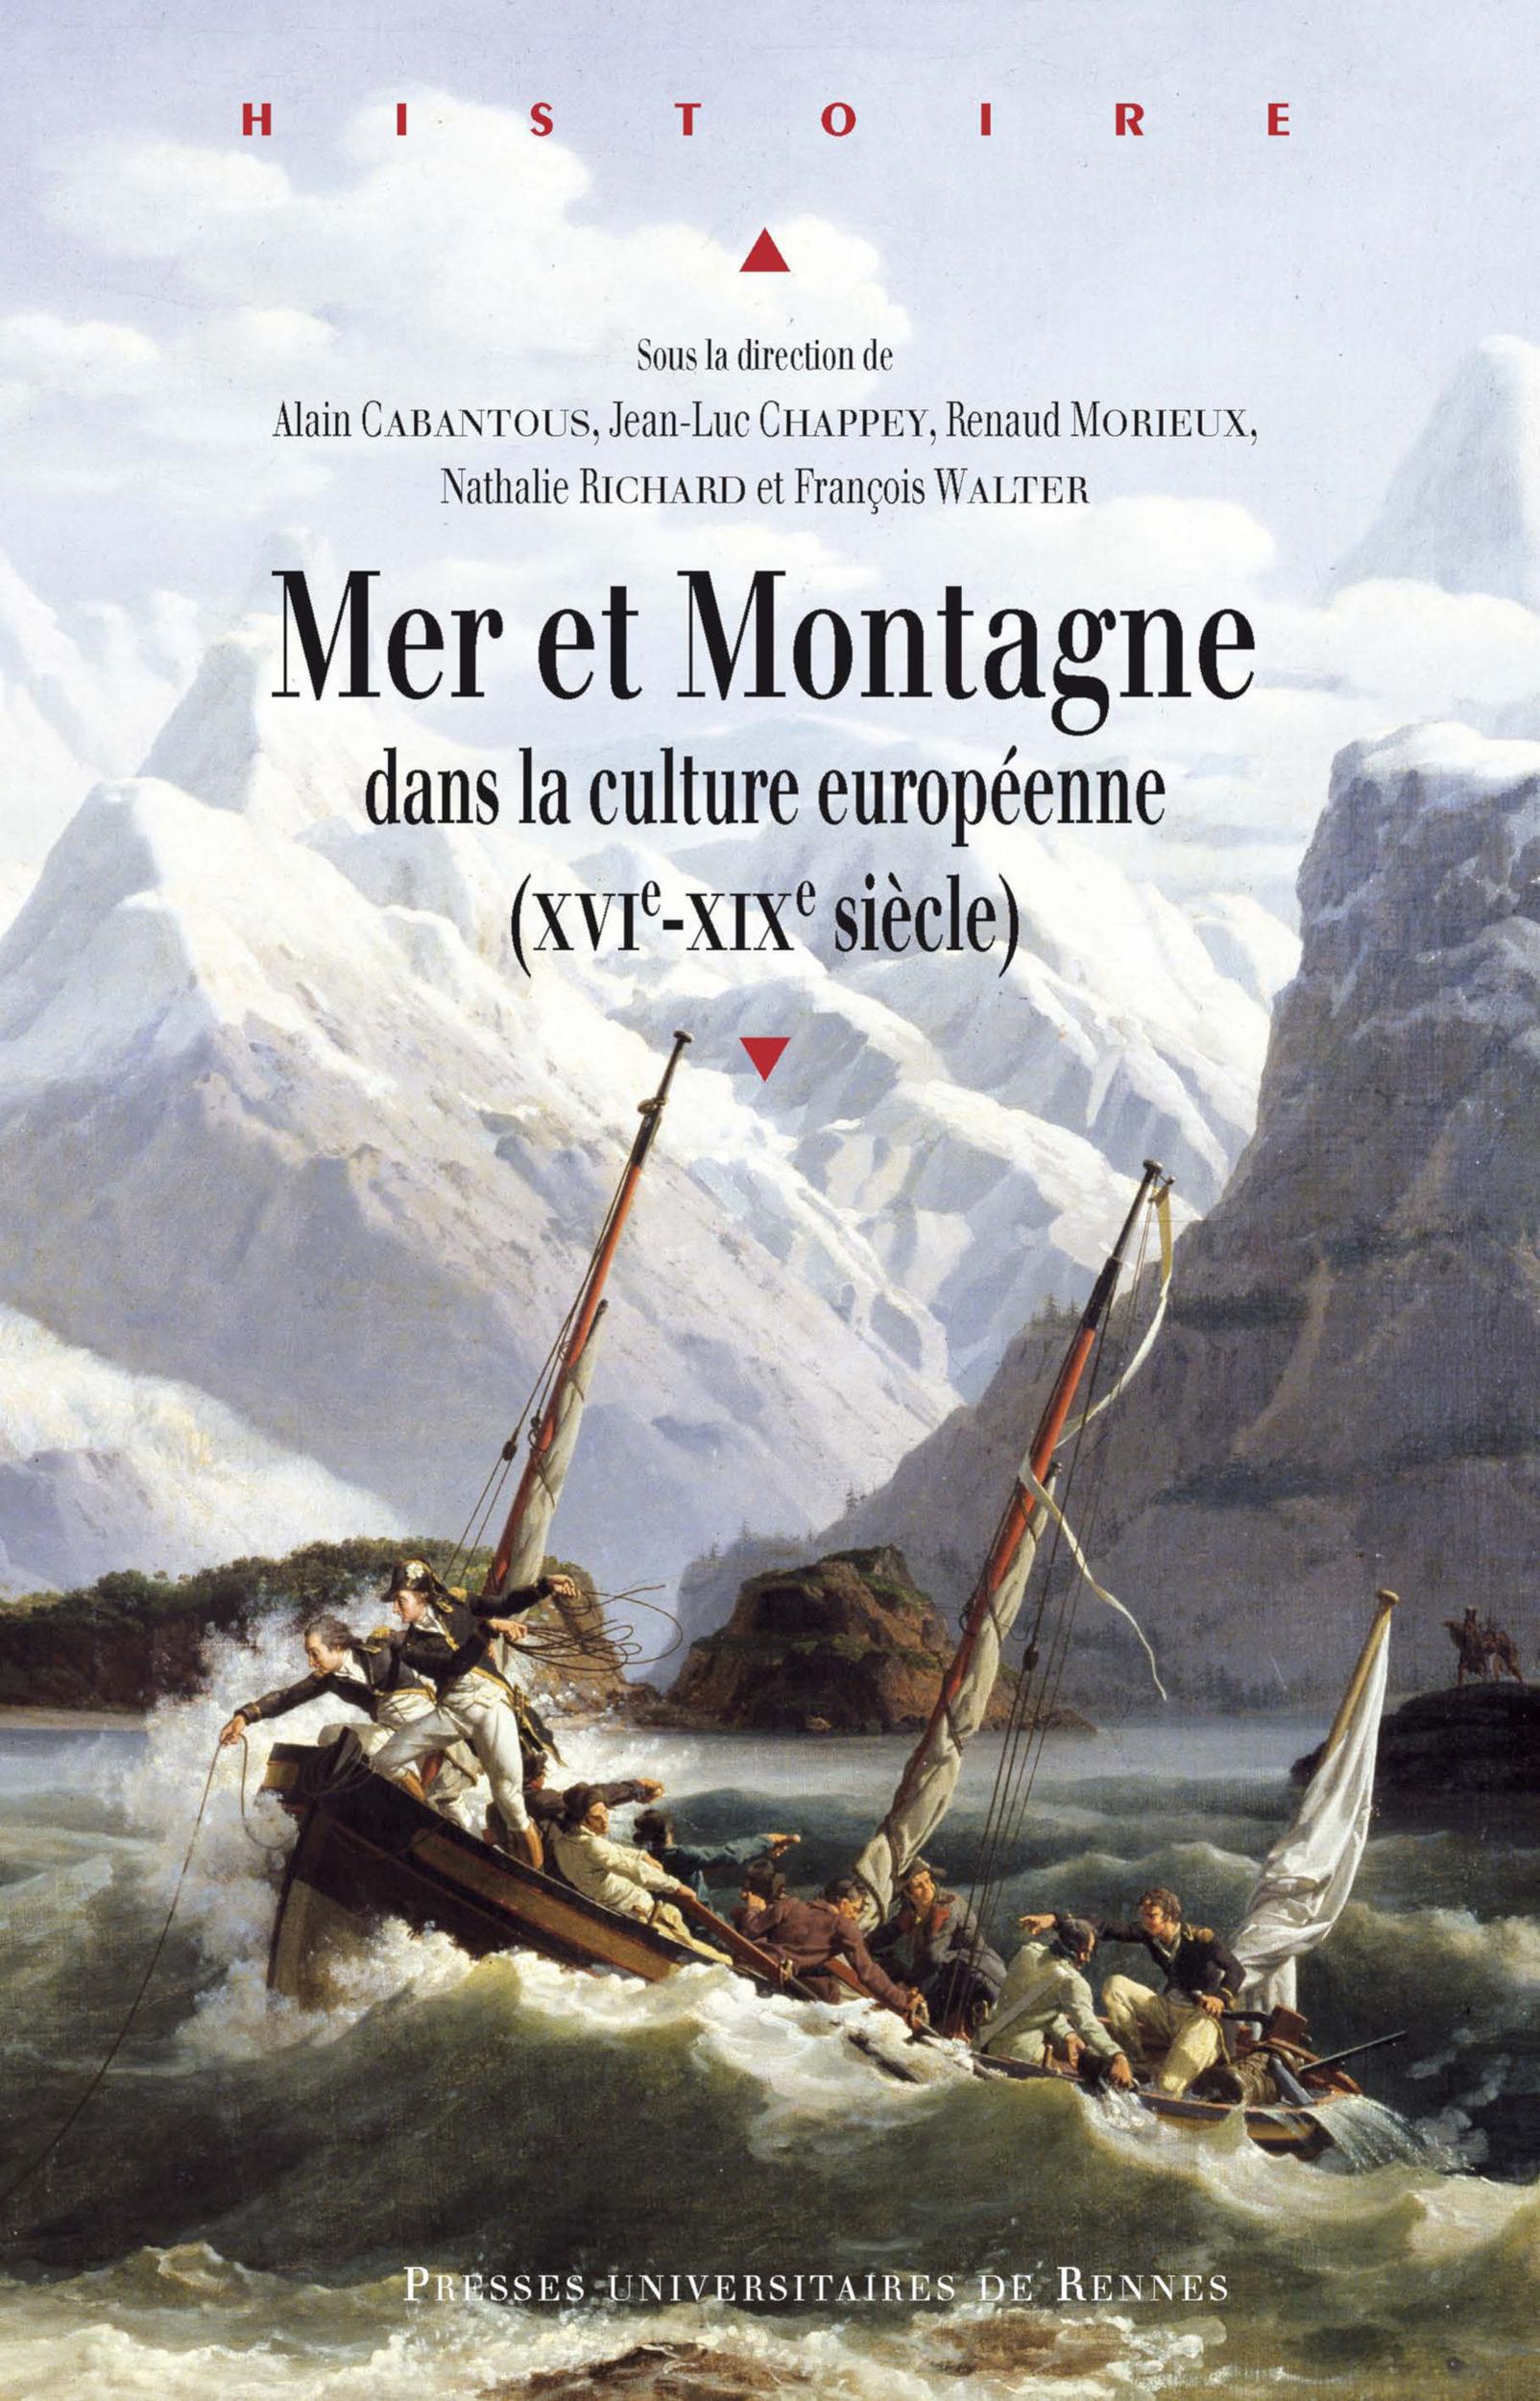 Mer et montagne  - Francois Walter  - Alain Cabantous  - Nathalie Richard  - Jean-Luc Chappey  - Renaud Morieux